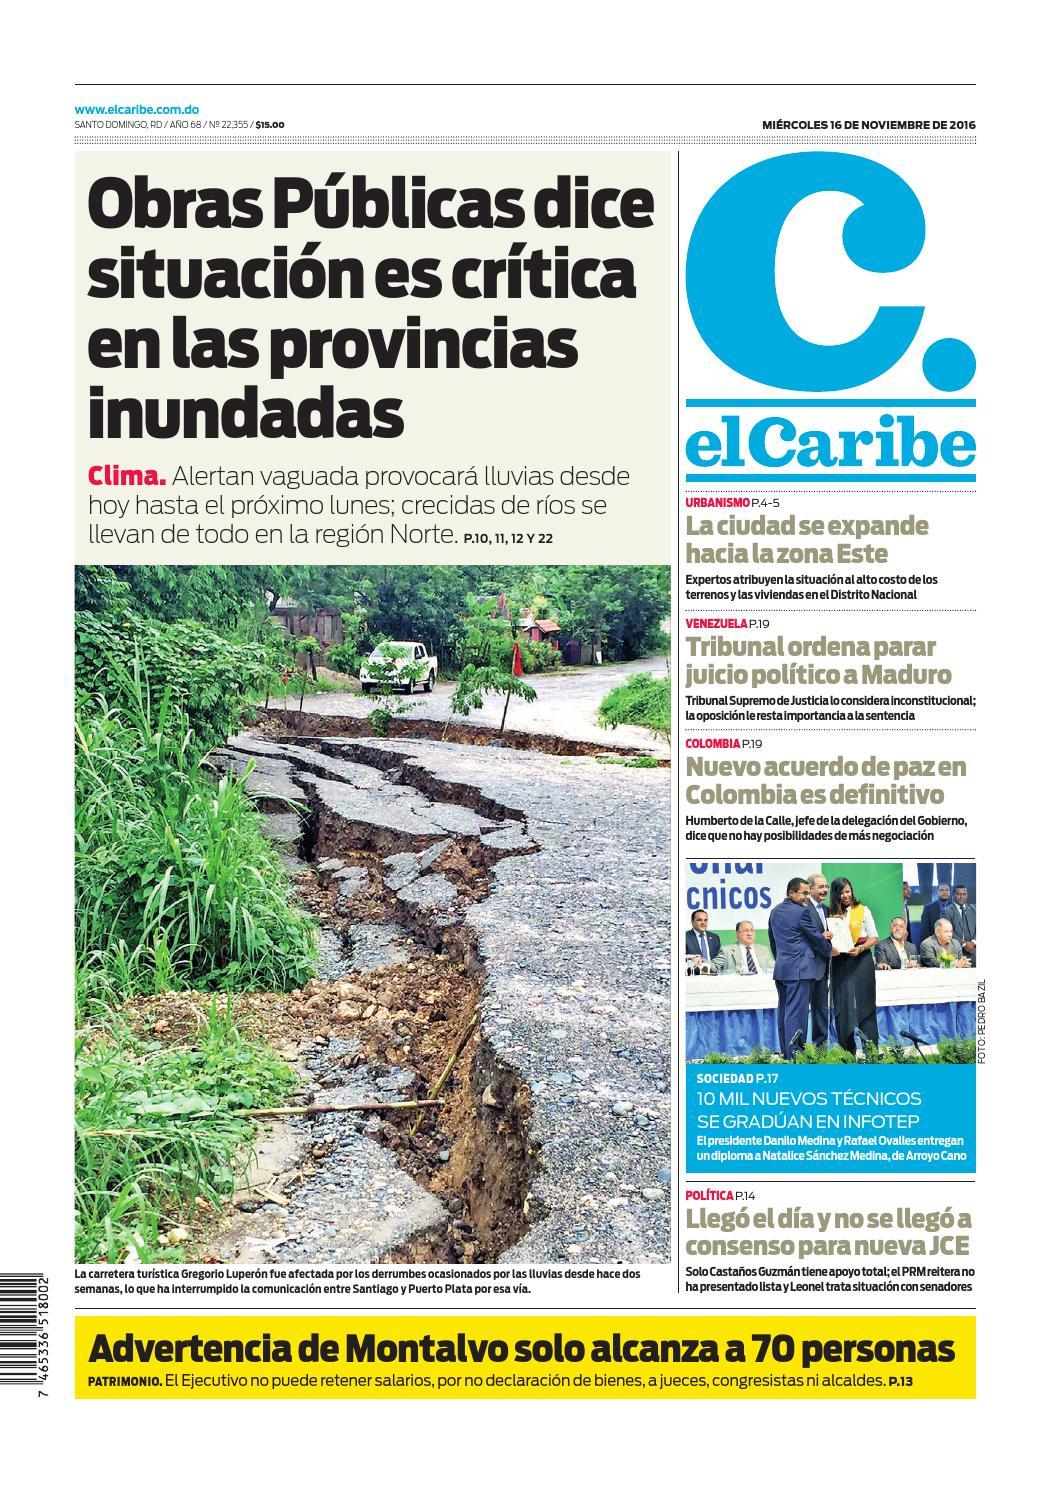 elCaribe2 by Multimedios del Caribe - issuu